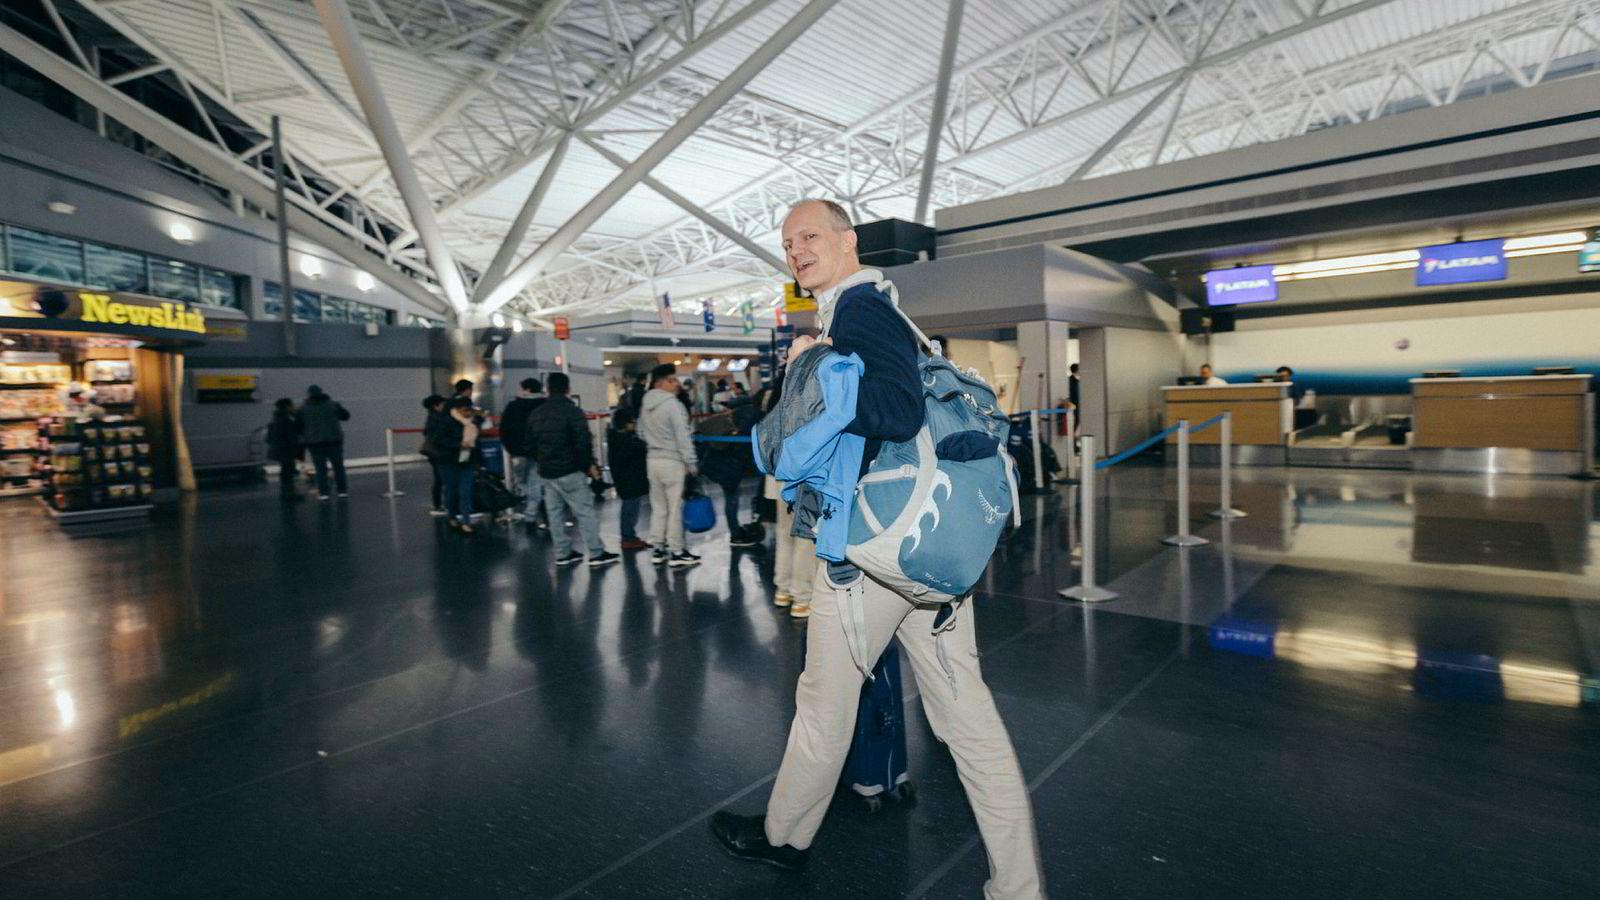 Ketil Solvik-Olsen lander på JFK-flyplassen i New York sent på kvelden rett fra Norge og sover gjerne på en benk i avgangshallen – før flyet videre til Alabama går i femtiden neste morgen. – Klart det var en stor overgang, sier han om livet i USA.